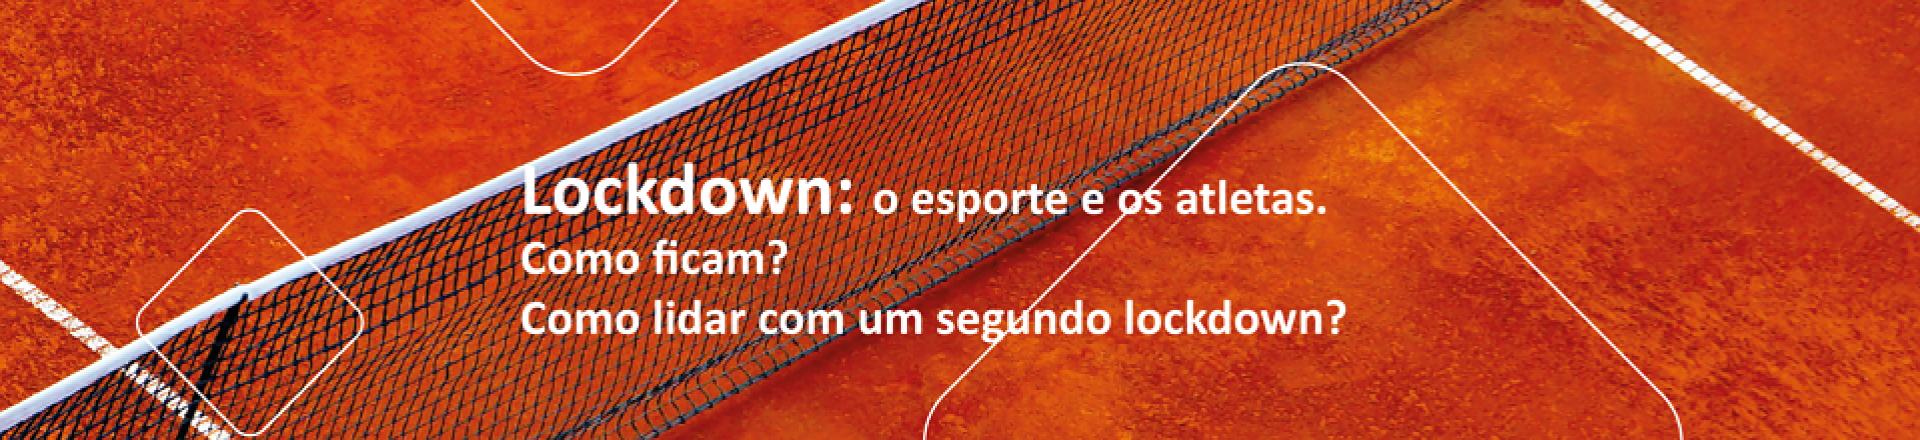 Lockdown: o esporte e os atletas. Como ficam? Como lidar com um segundo lockdown?